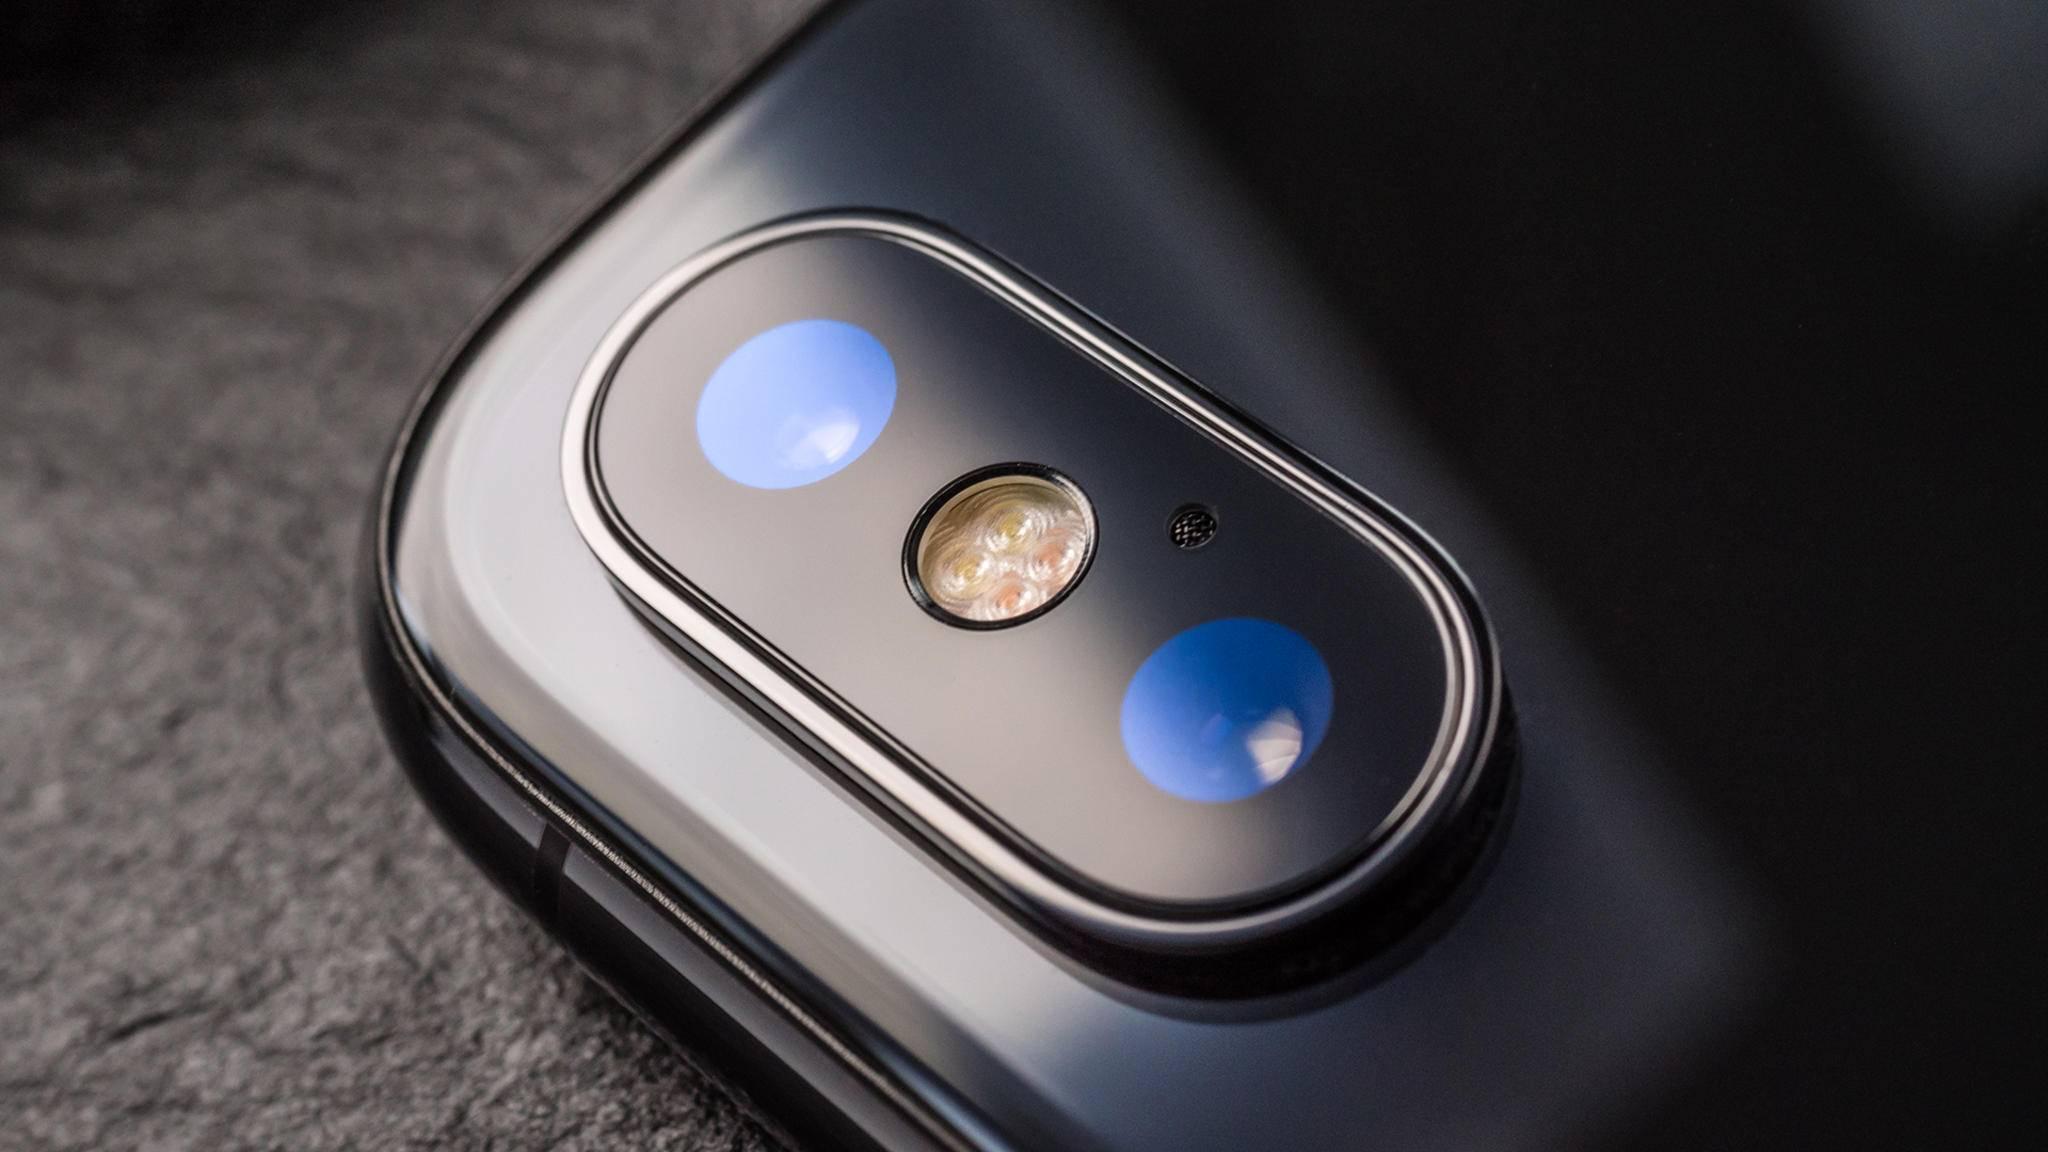 Ist die Rückkamera beim iPhone X besonders empfindlich?